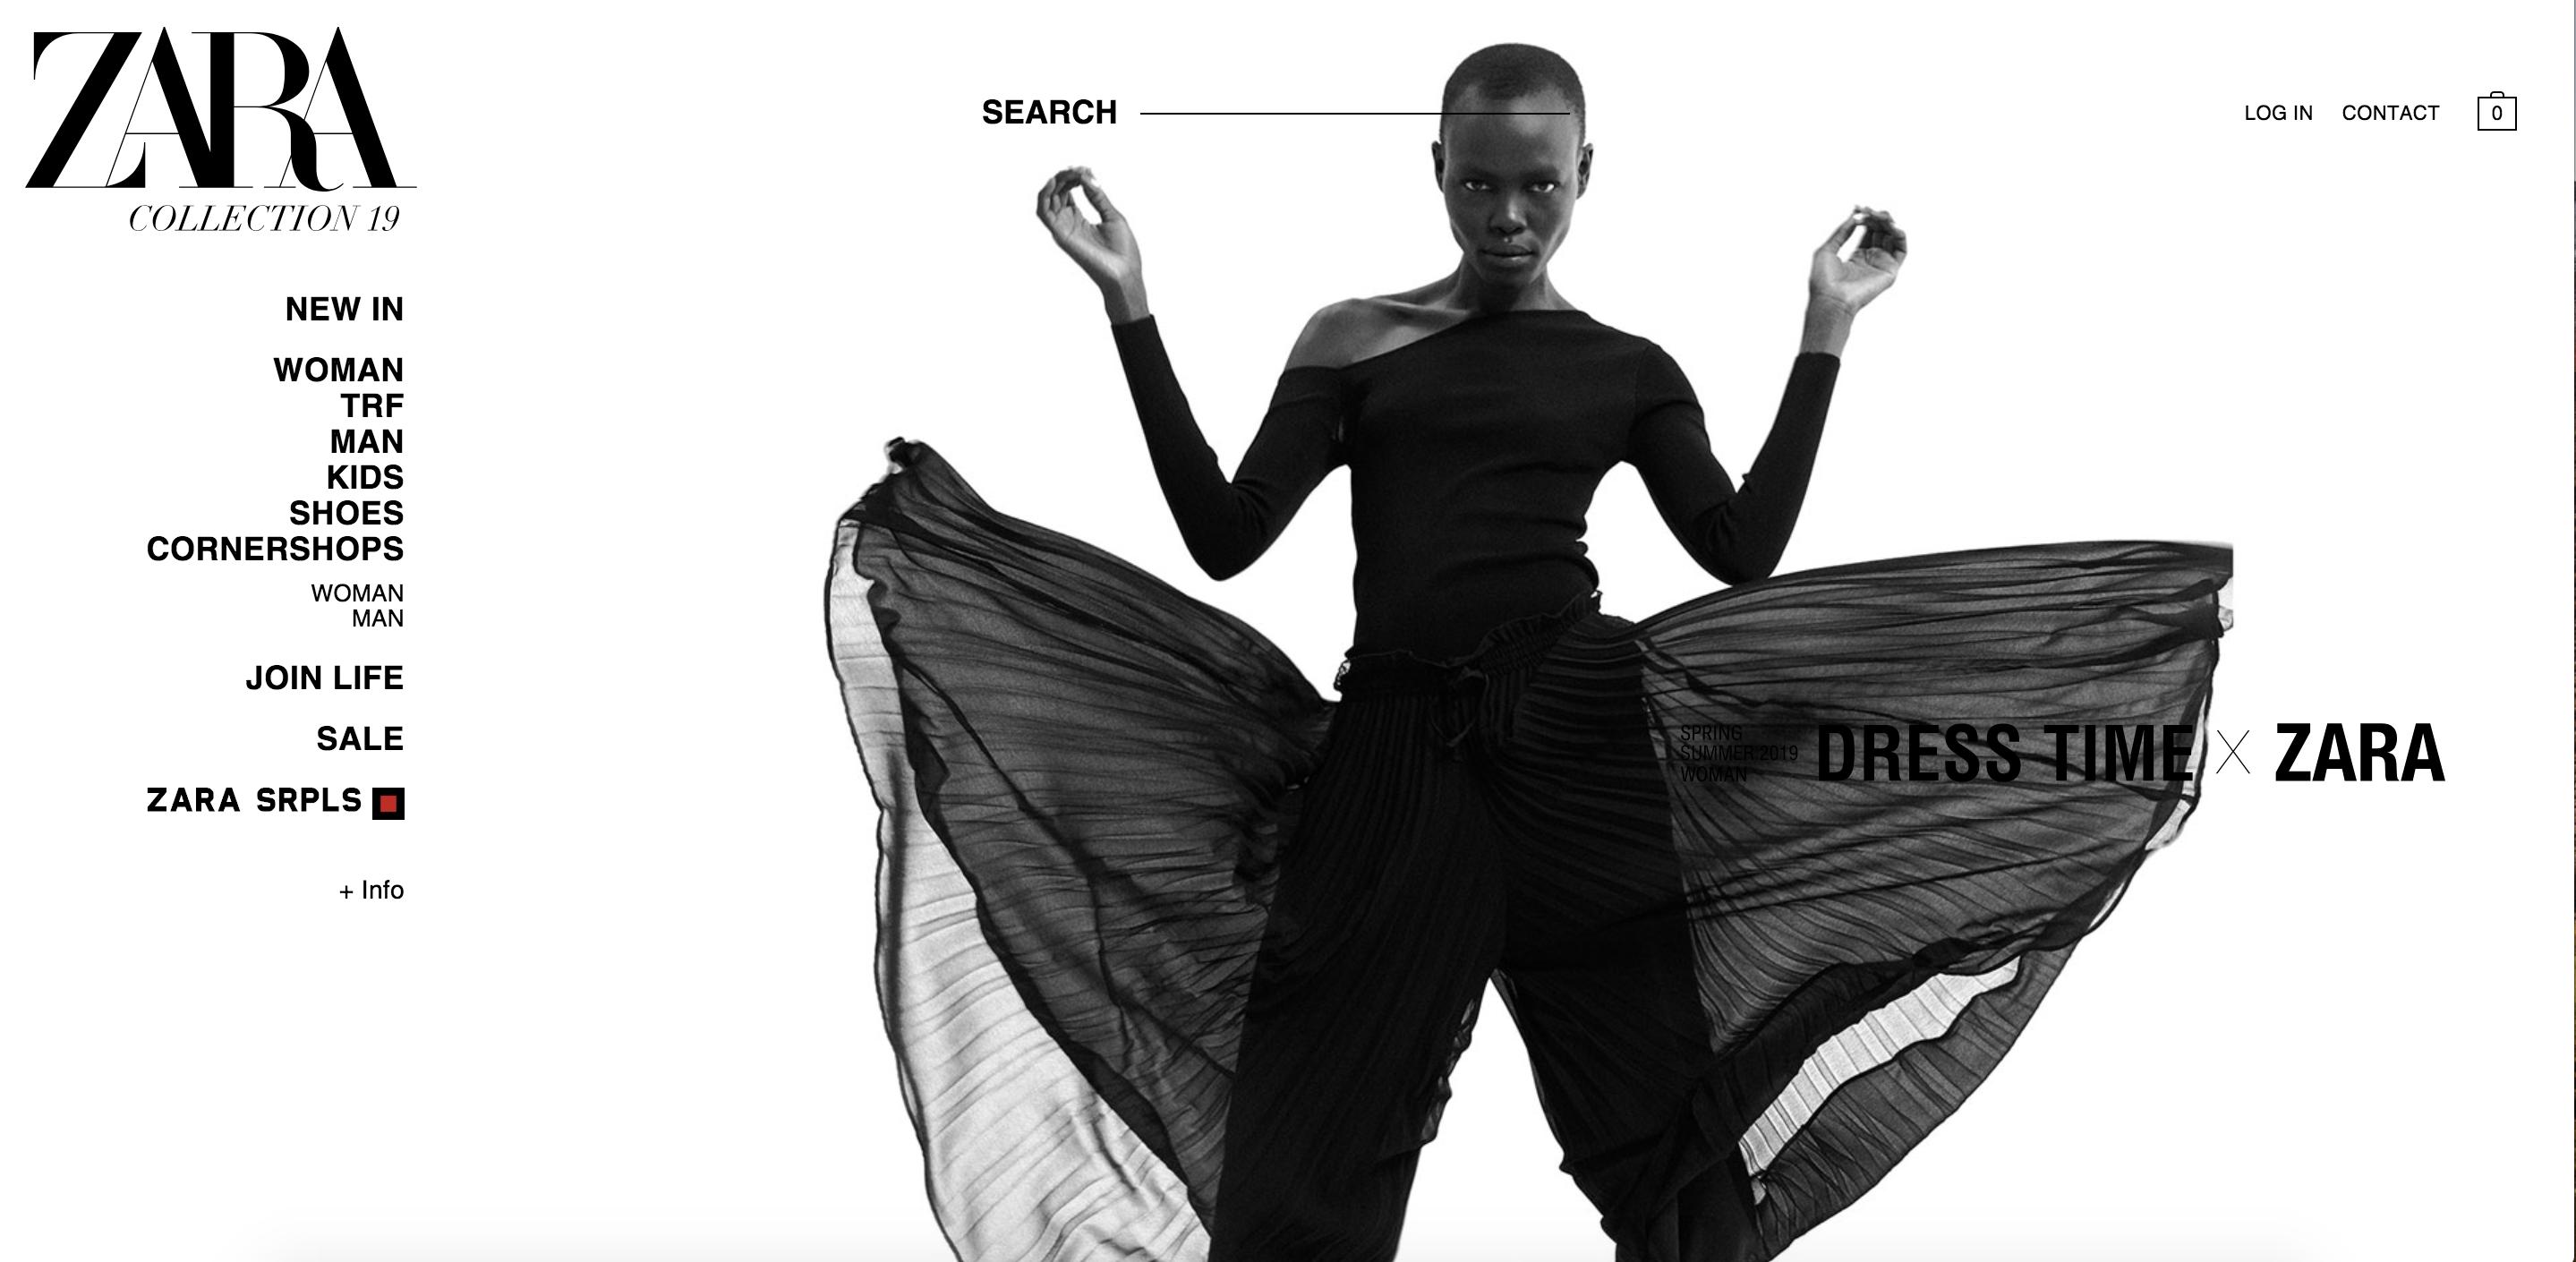 moda sitios comprar 52 en donde compras línea mejores de para mujeres Y6mI7gbfyv